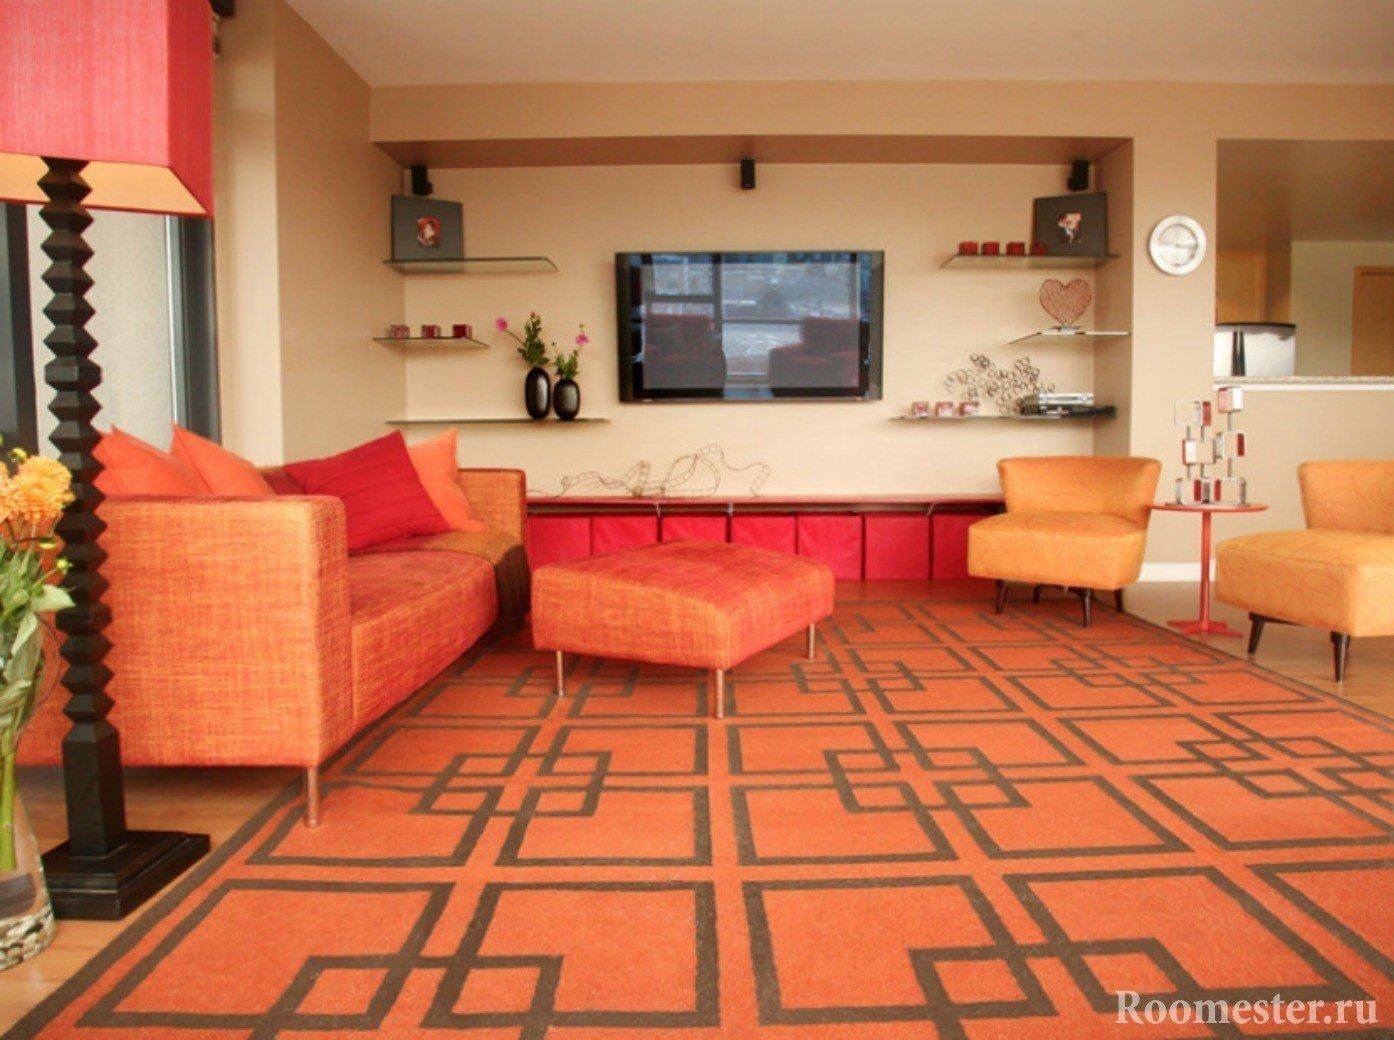 Оранжевый ковер и мебель